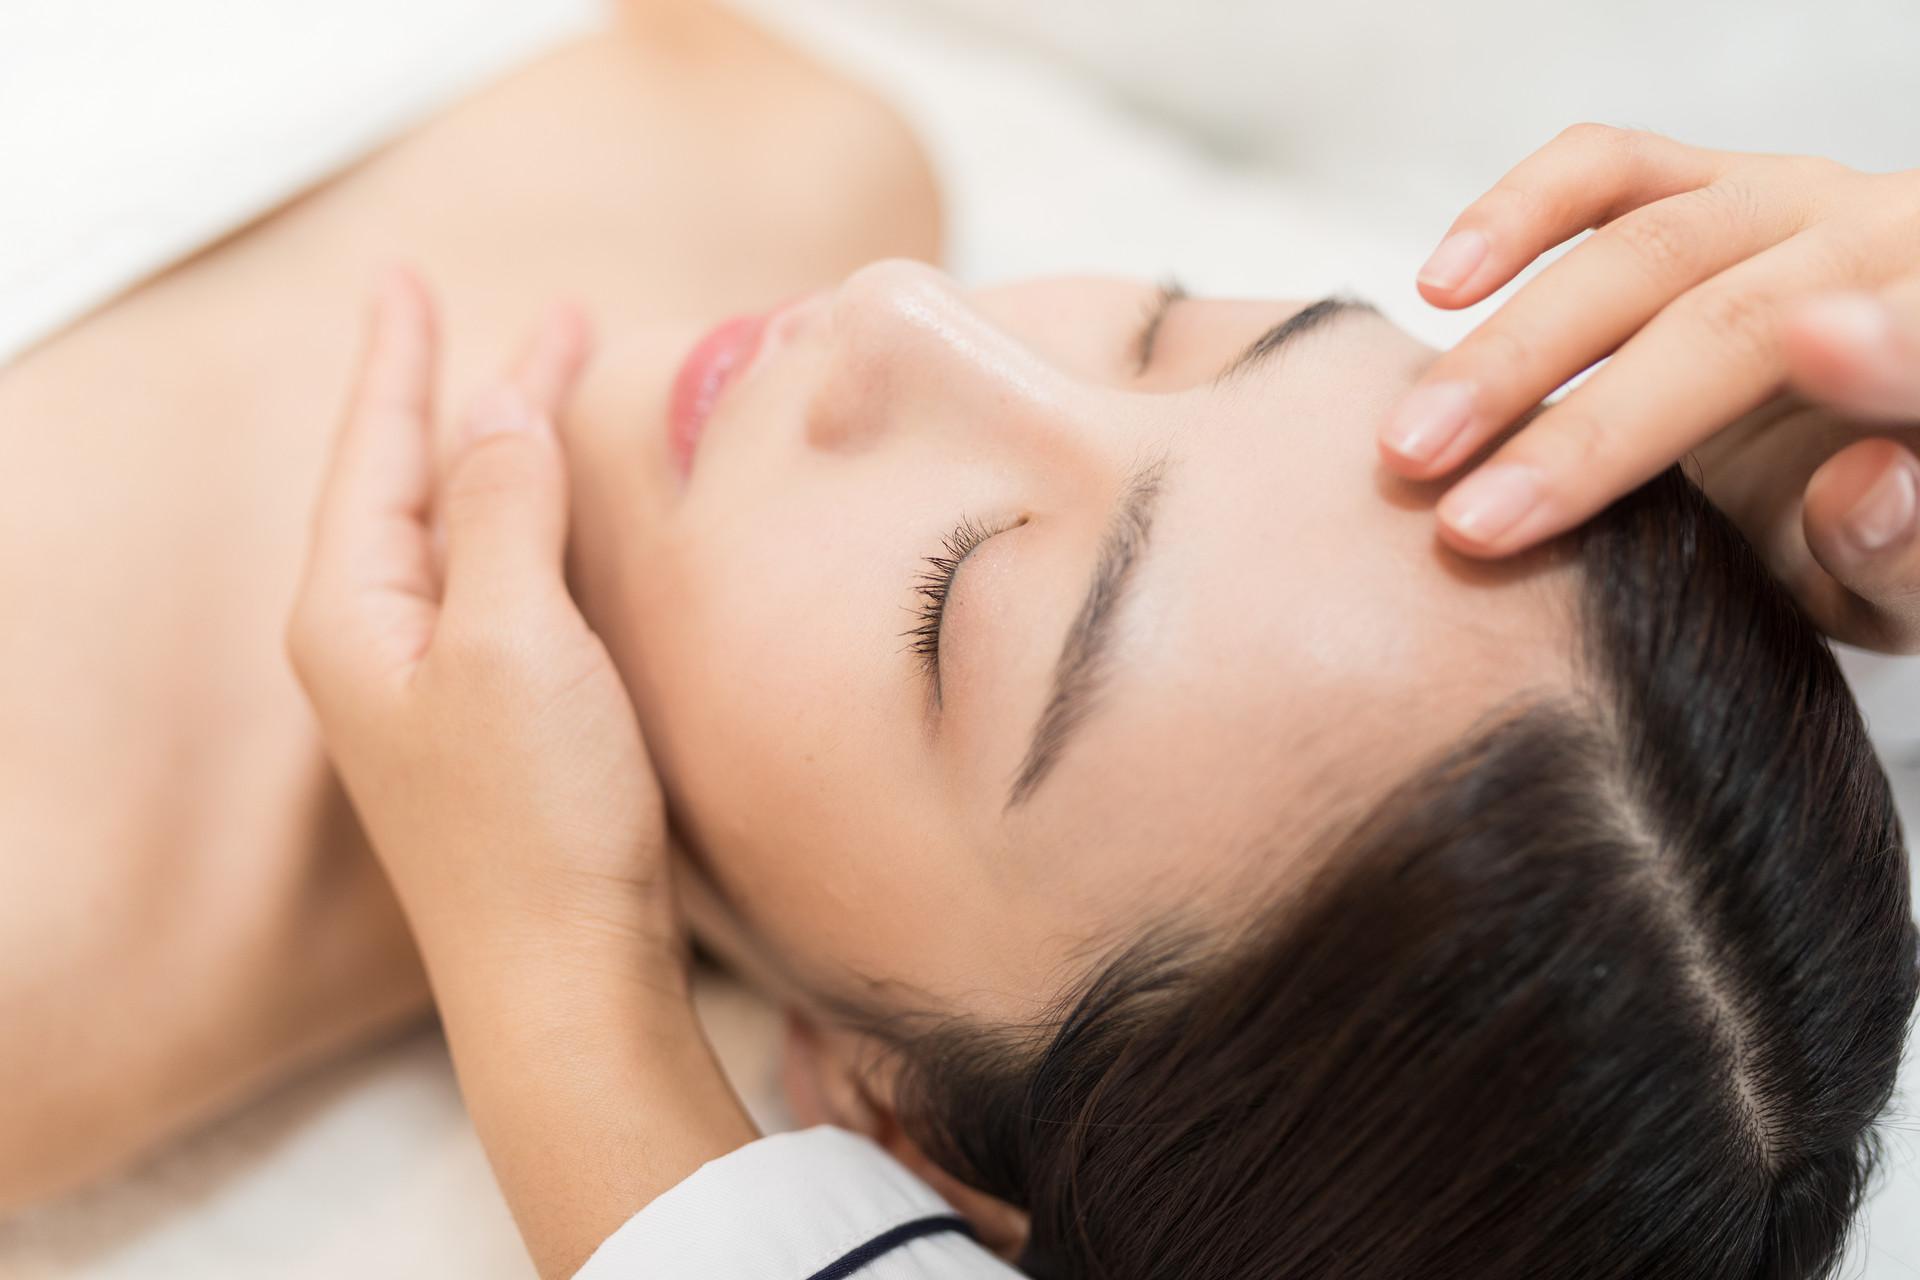 美容养颜技巧:正确的护肤步骤是怎样的?